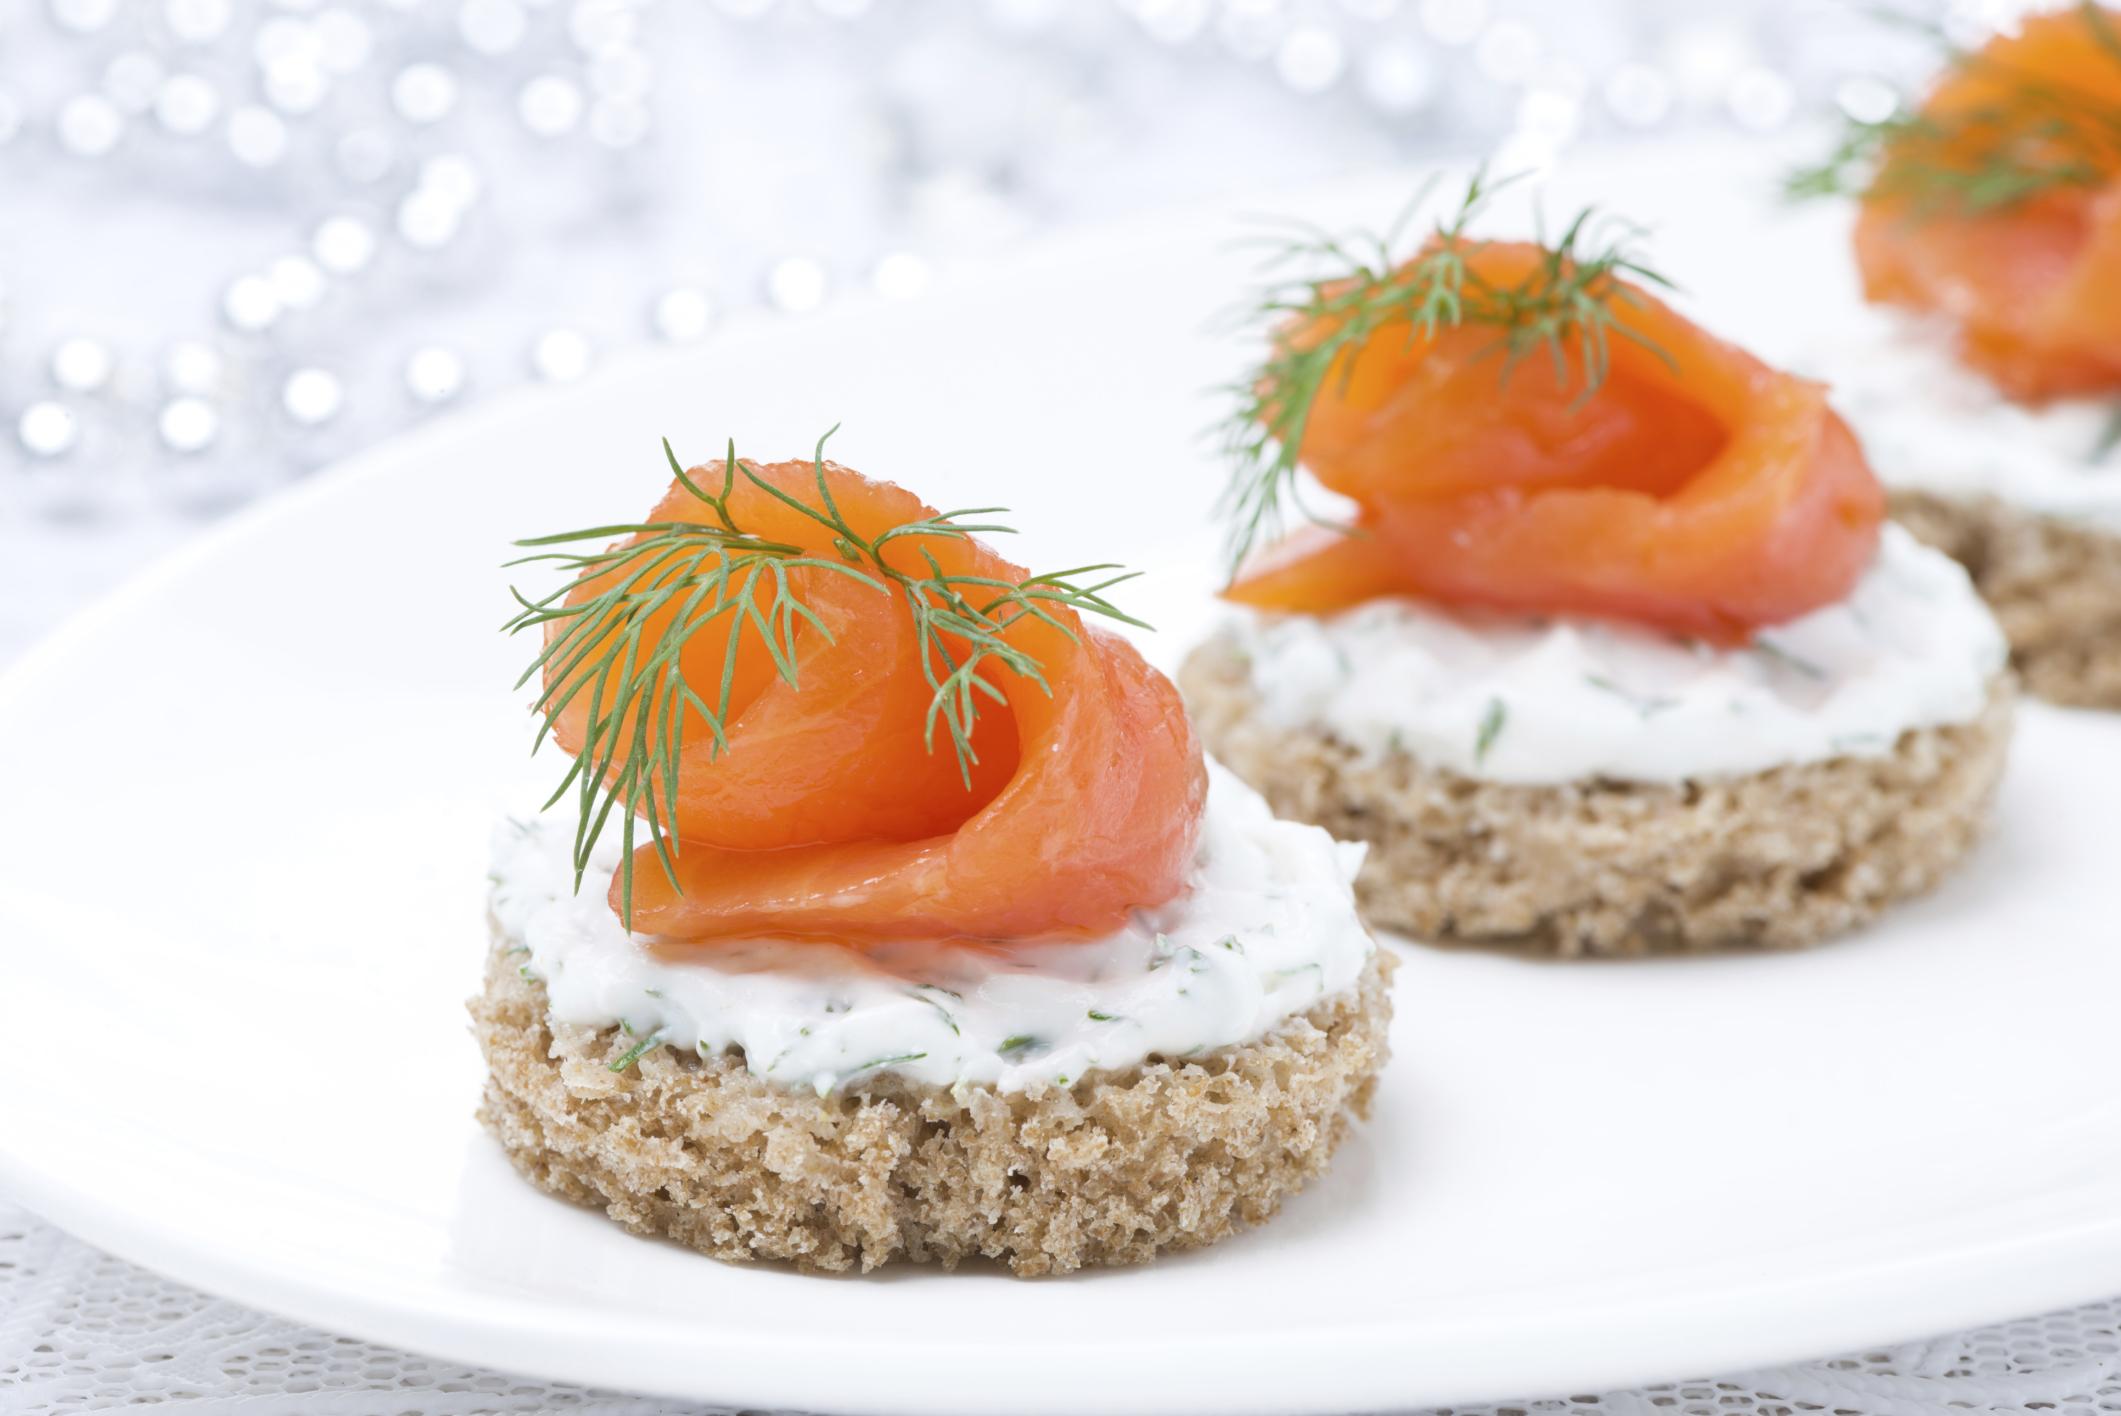 Canapés con salmón ahumado y feta